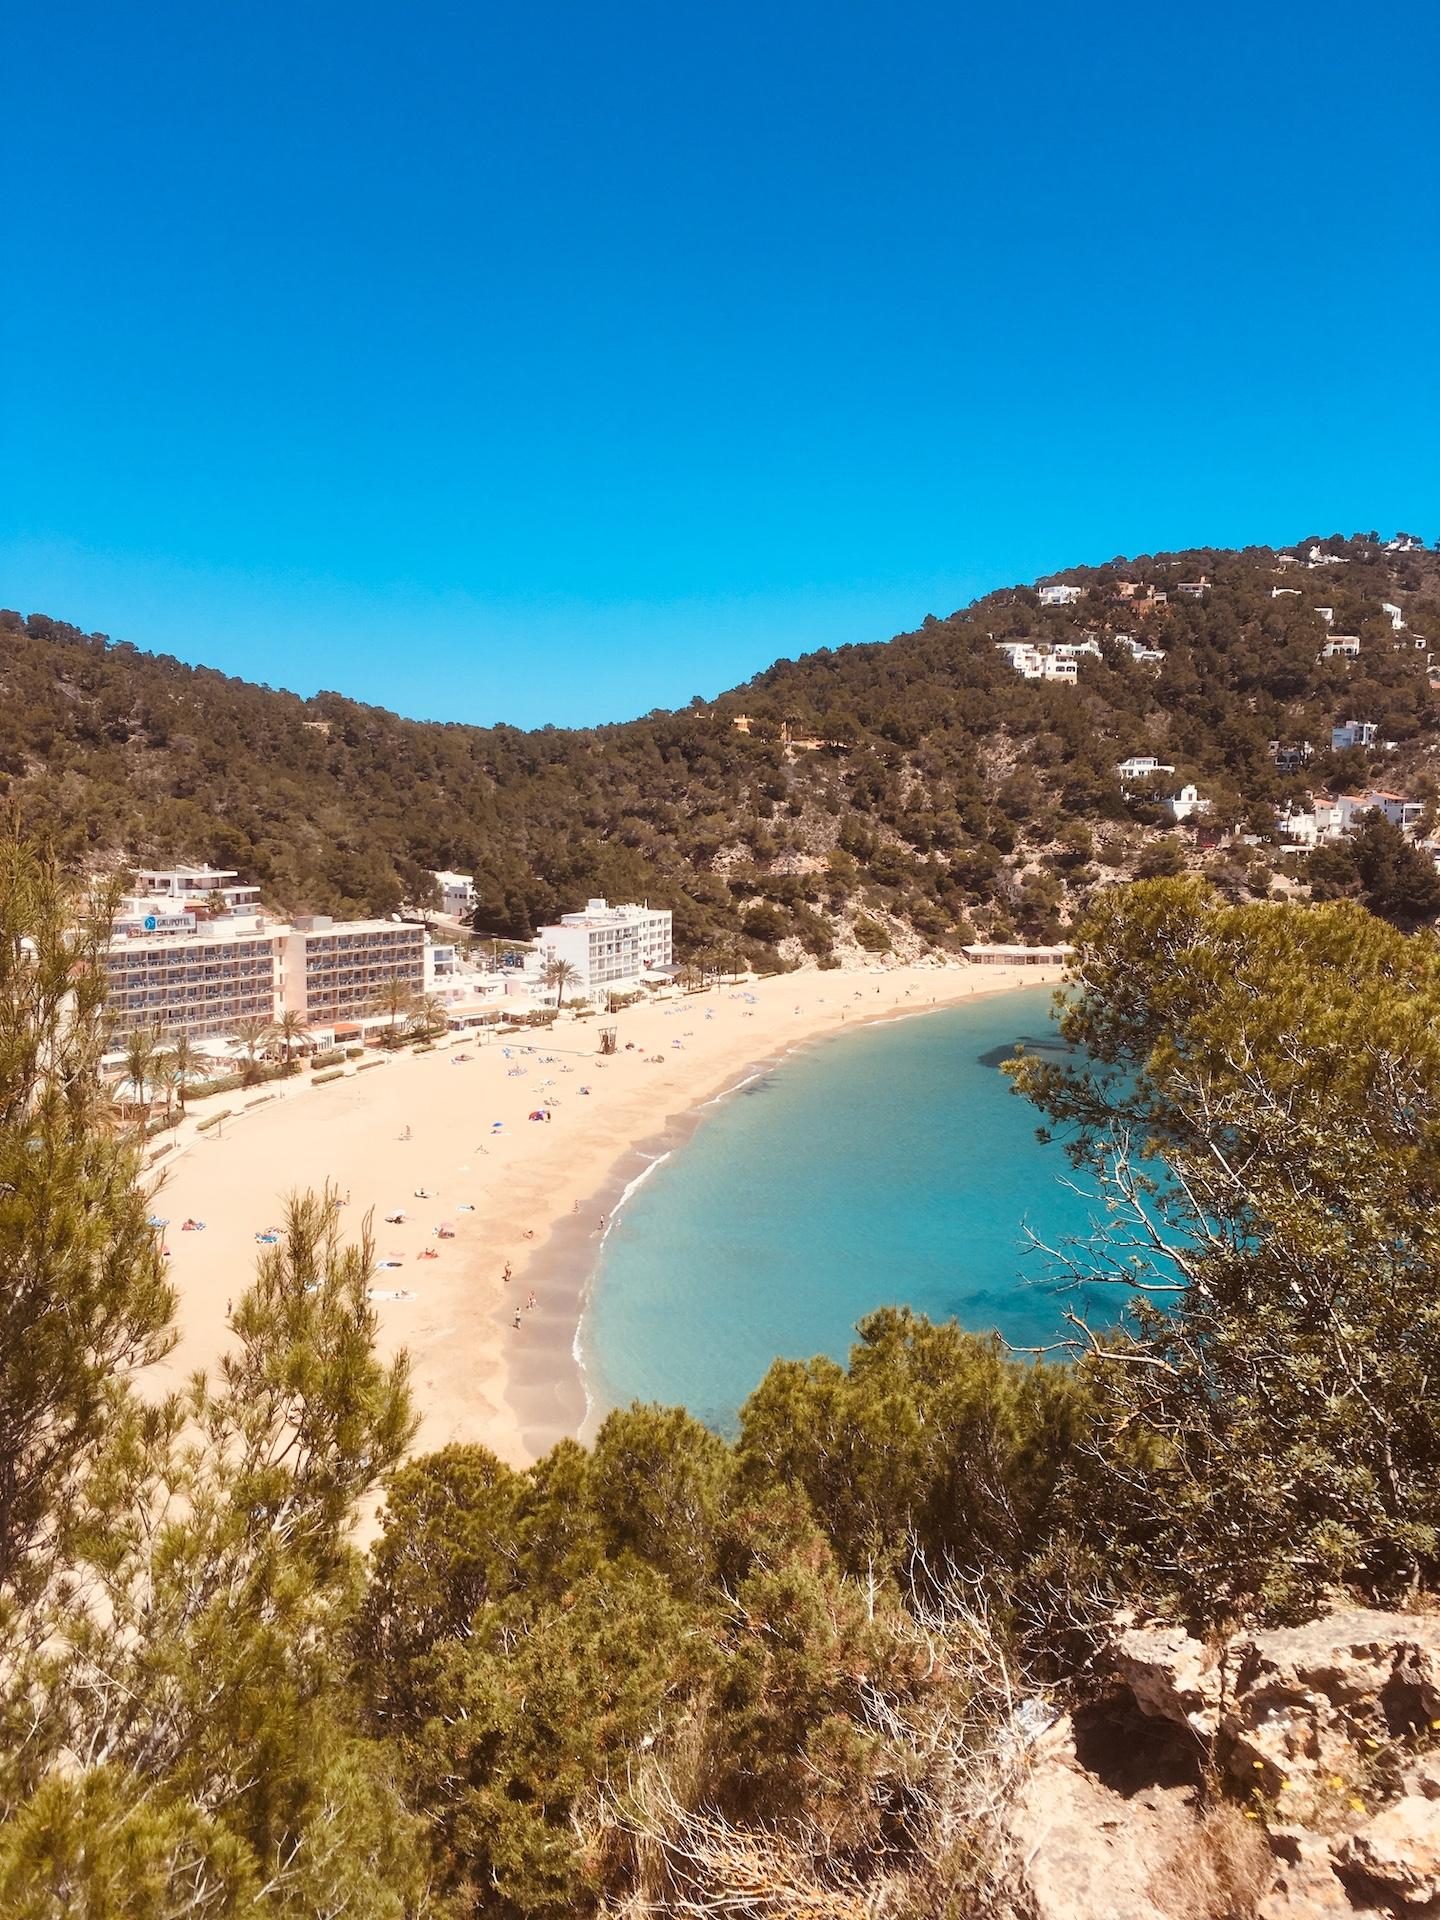 Cala Sant Vicente - wunderschöne Natur-Bucht in Ibizas Norden #Ibiza #Urlaub #Strand #Geheimtipp #Schnorcheln #Kajak #SUP